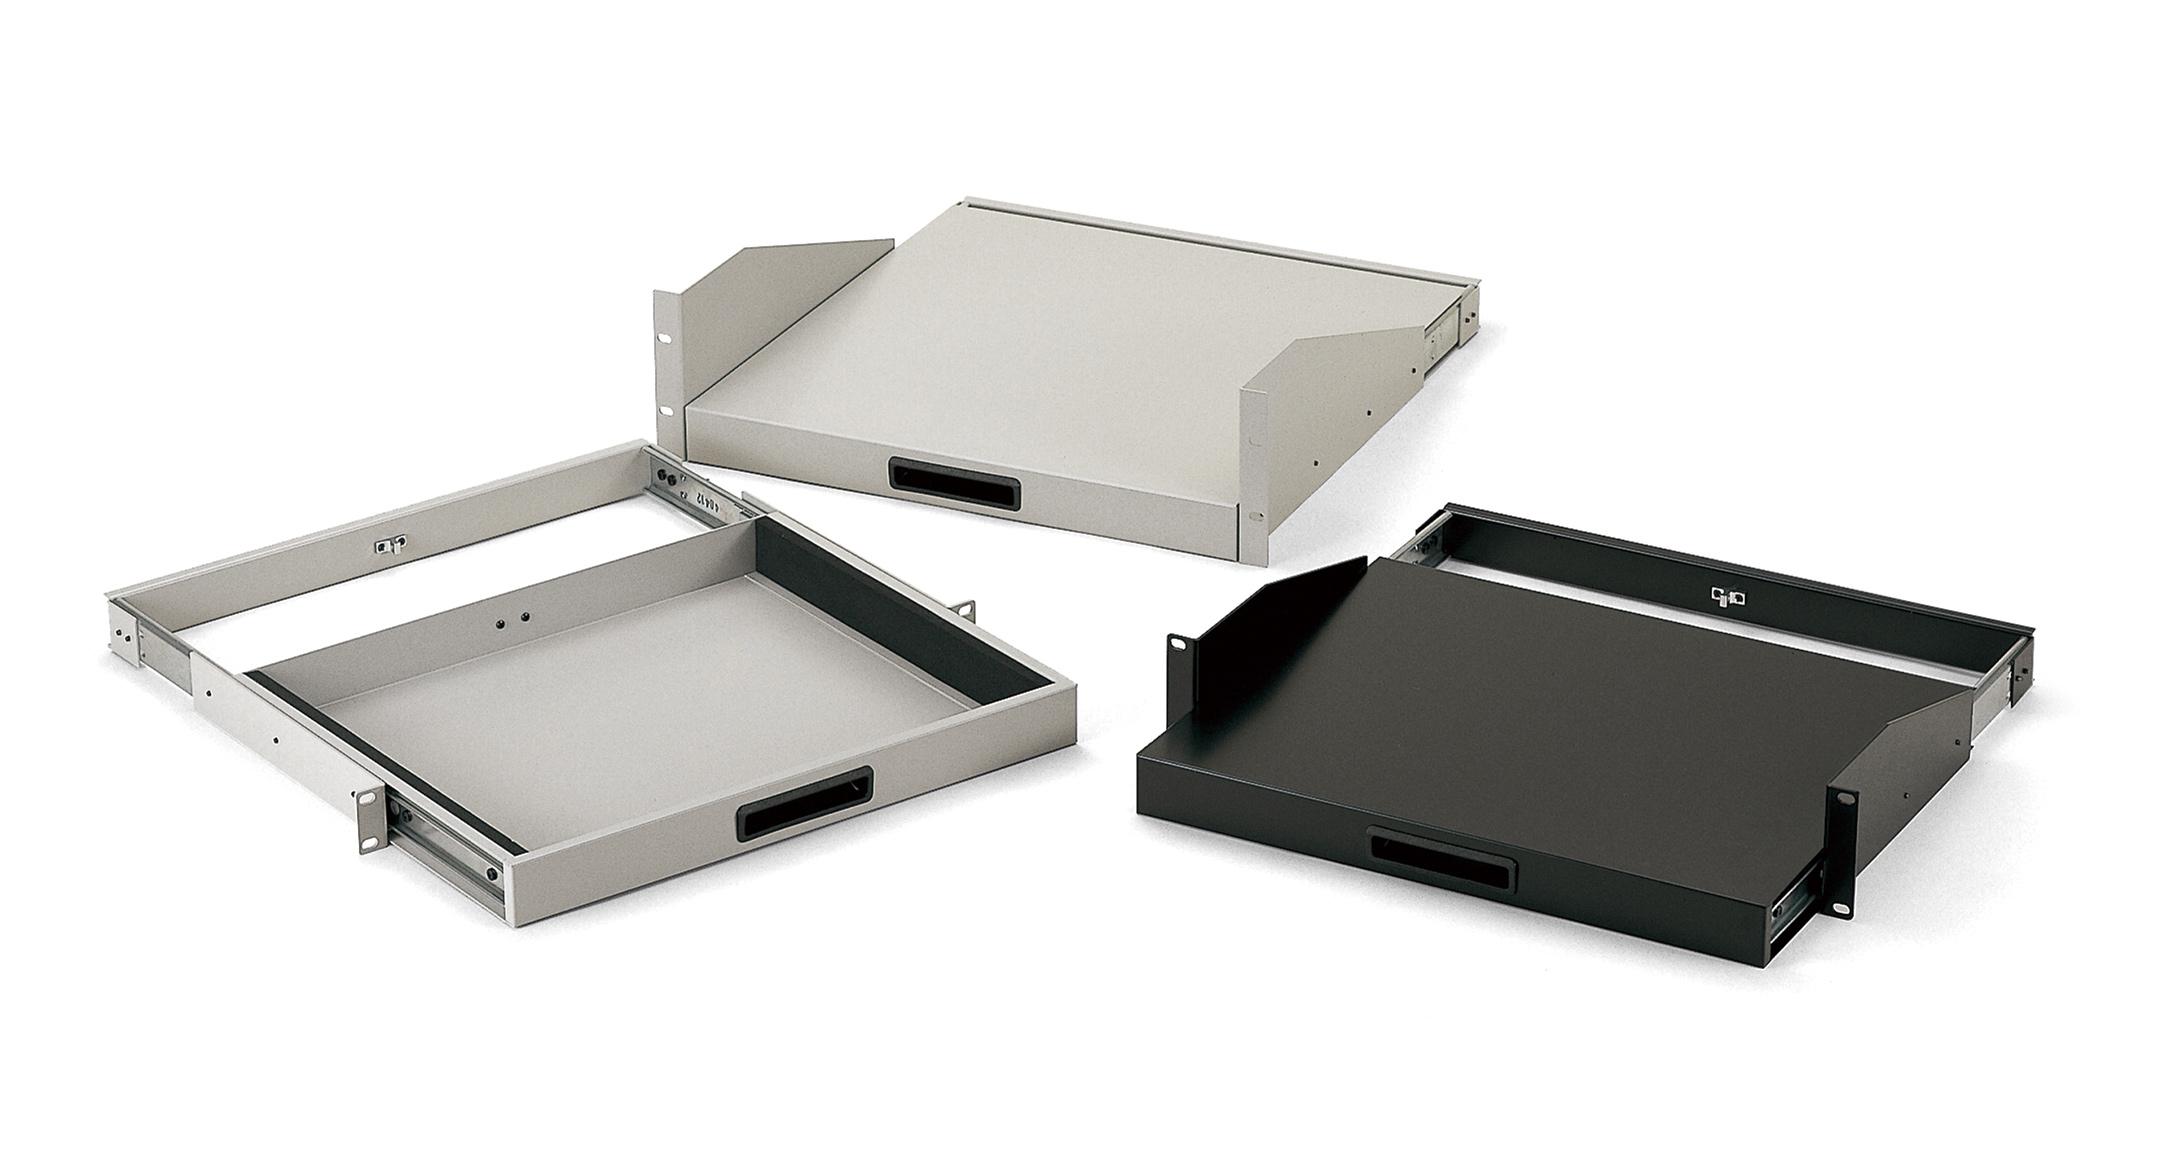 ラックスライドテーブル NSTシリーズの画像